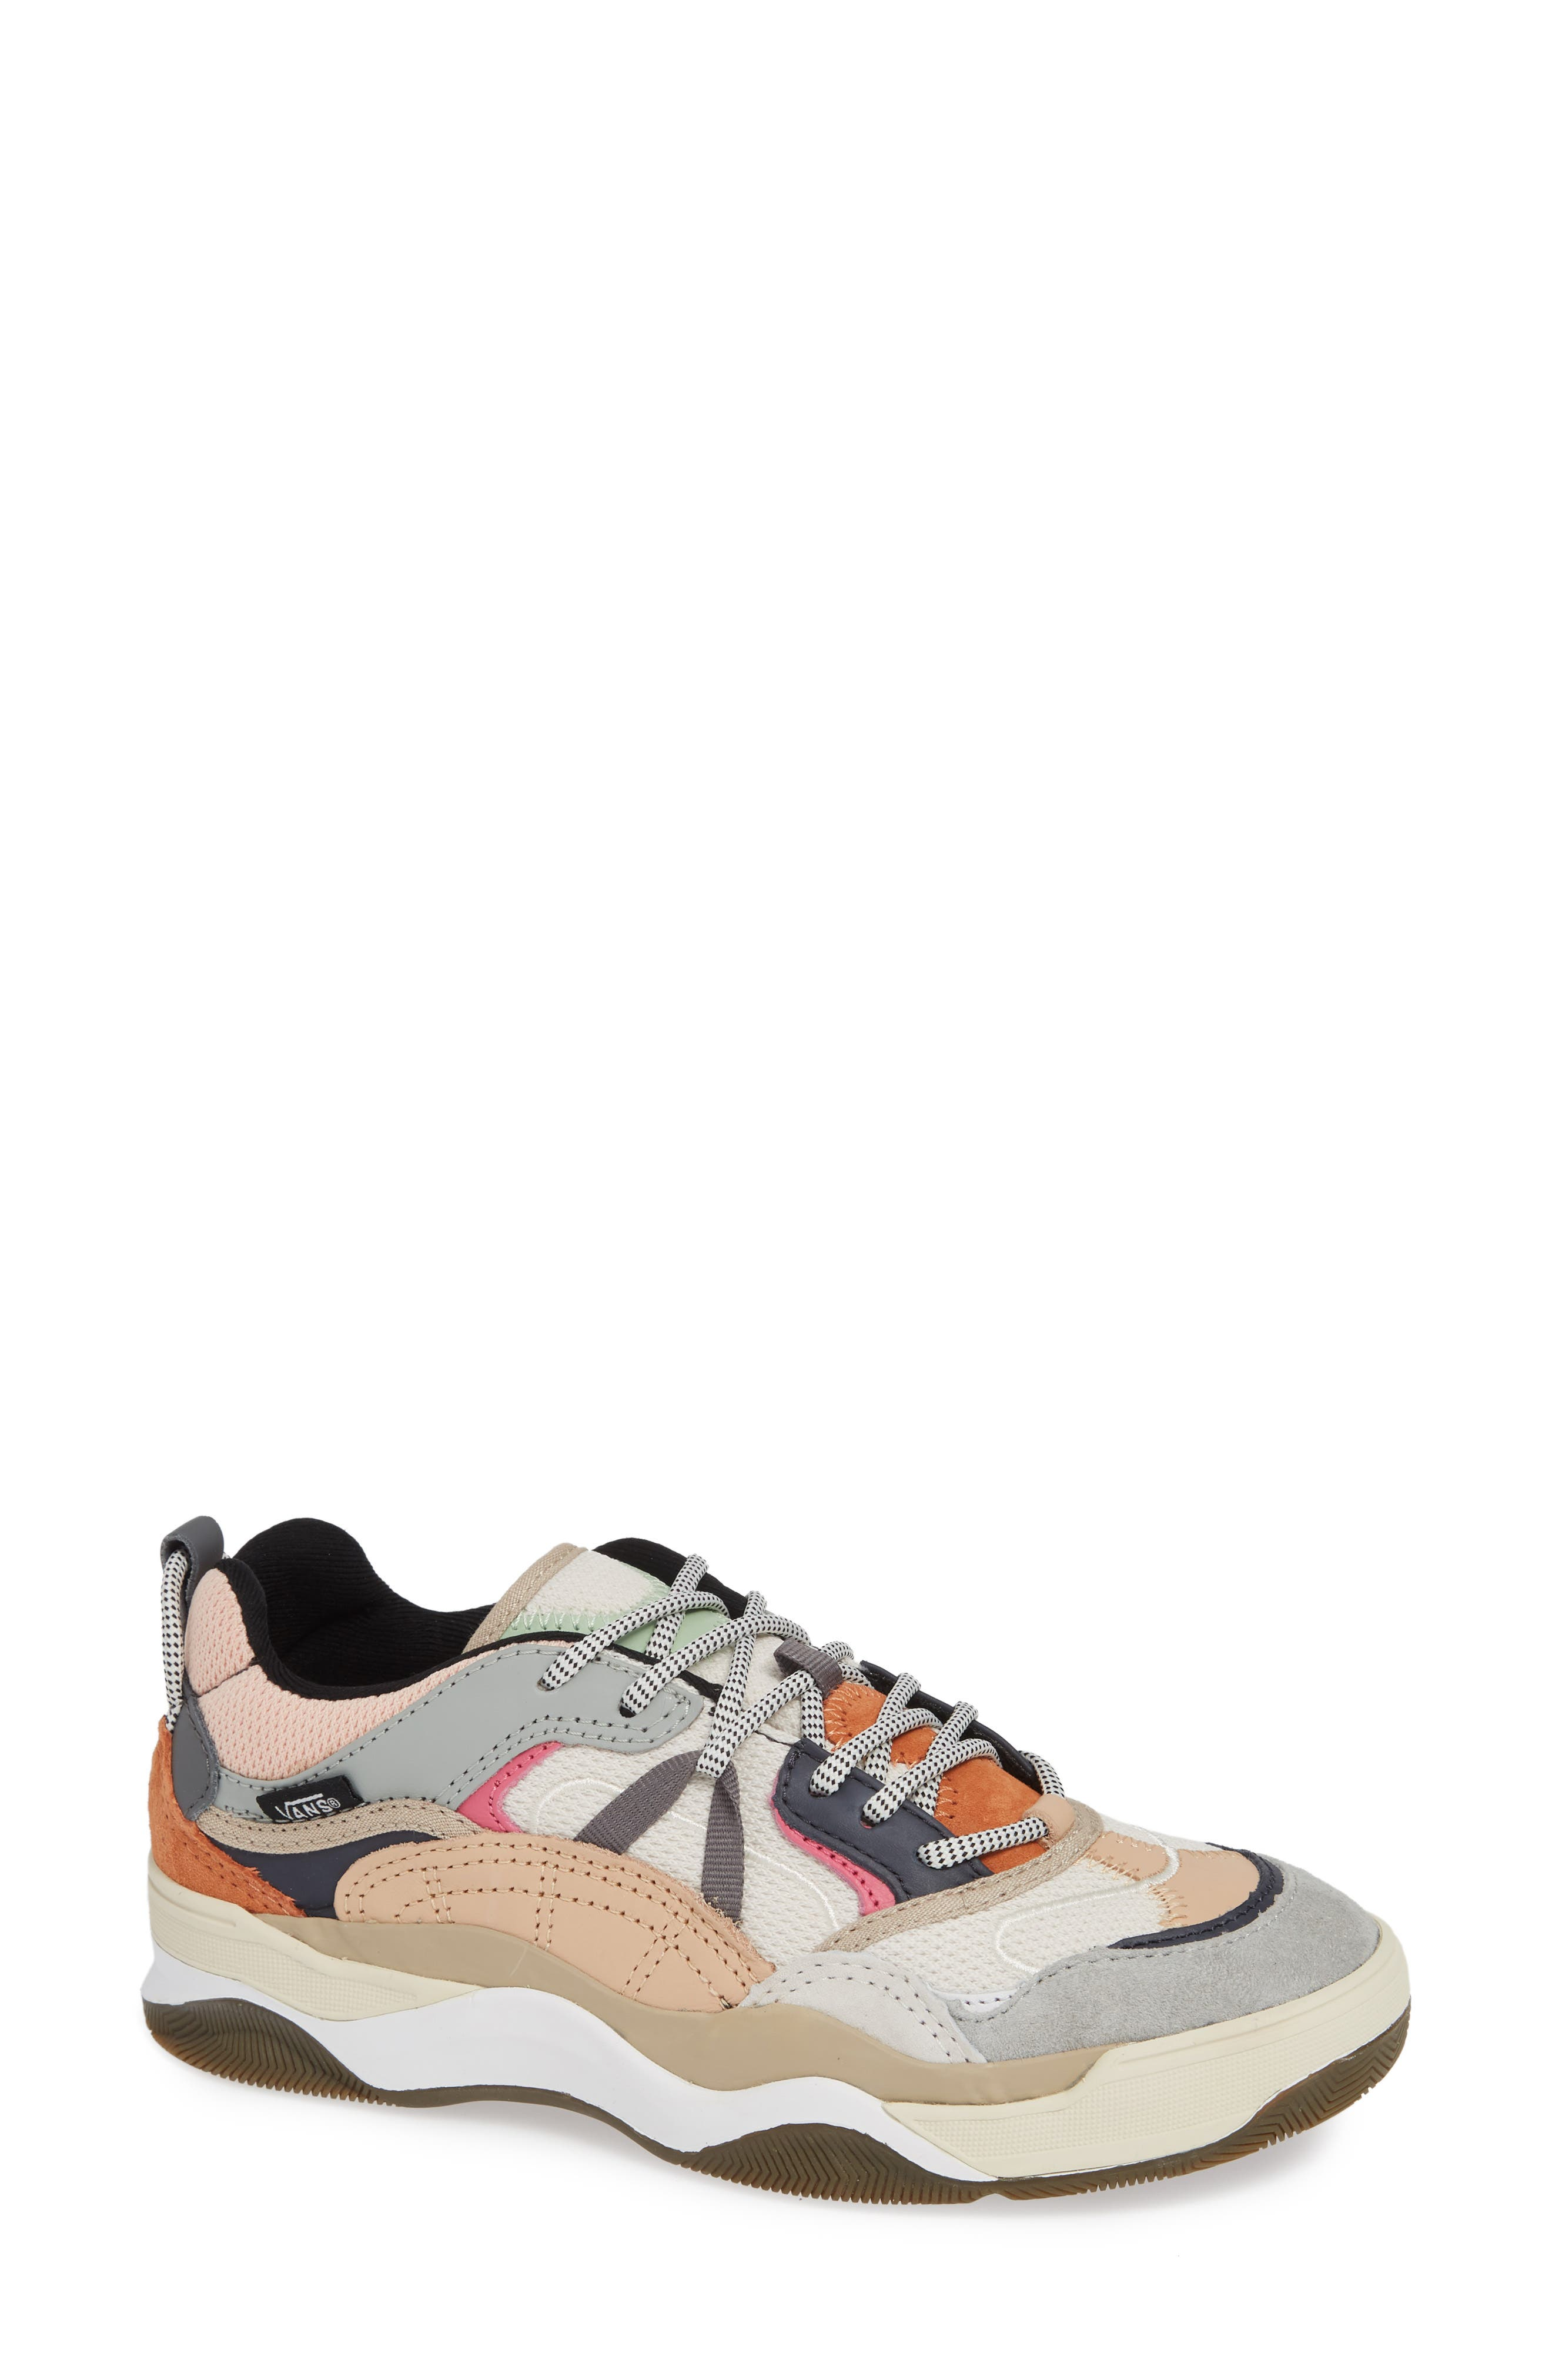 Varix WC Sneaker,                             Main thumbnail 1, color,                             MULTI TURTLEDOVE/ TRUE WHITE